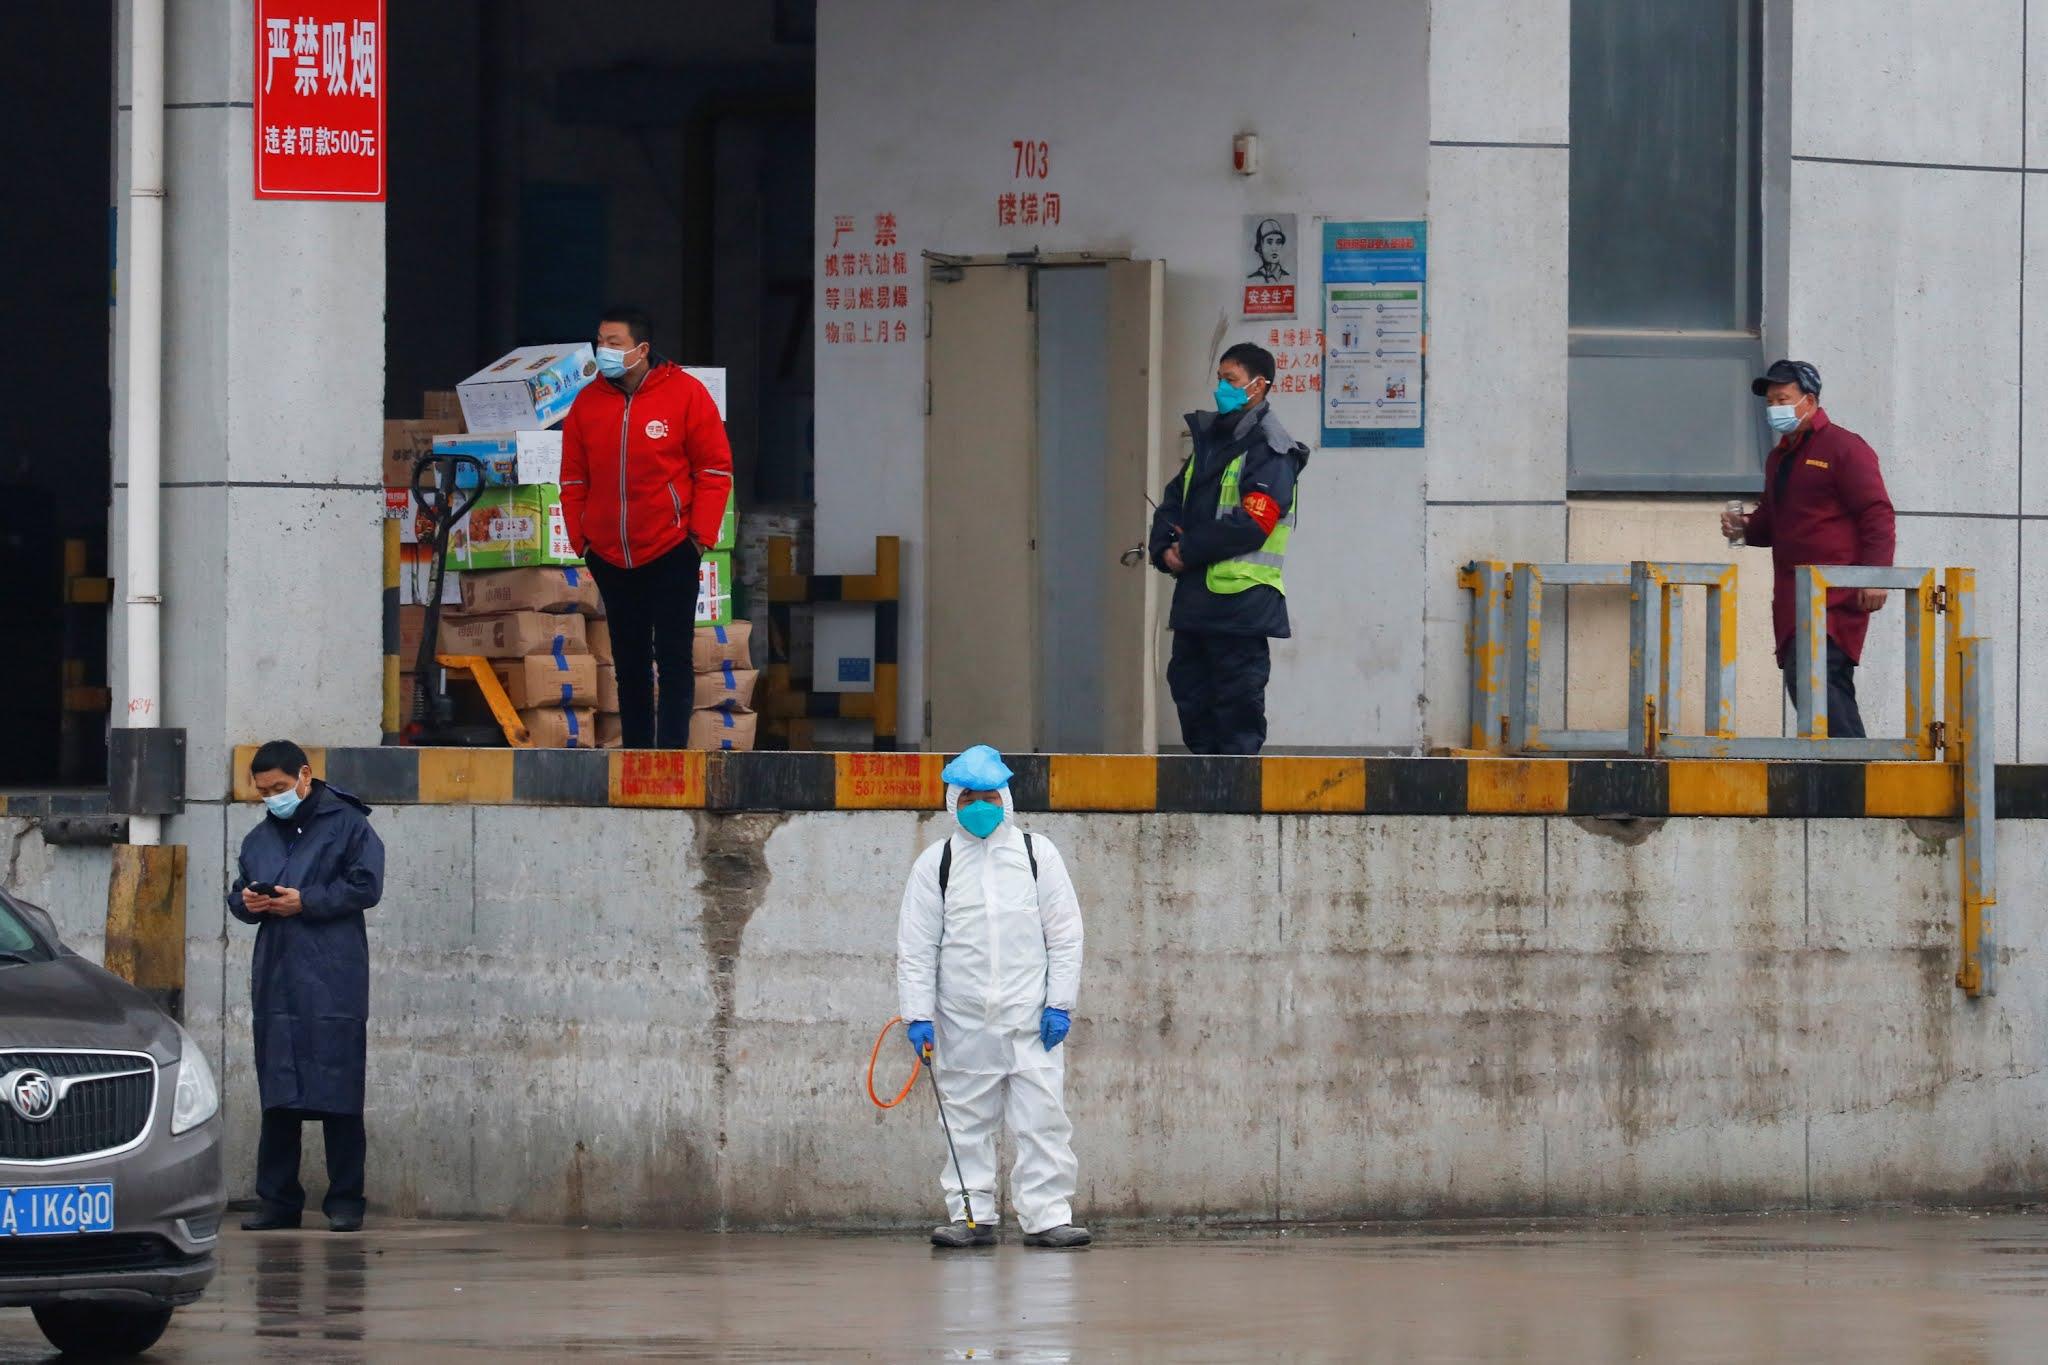 Los expertos de la OMS visitaron el mercado de Wuhan donde se registró el primer brote de coronavirus